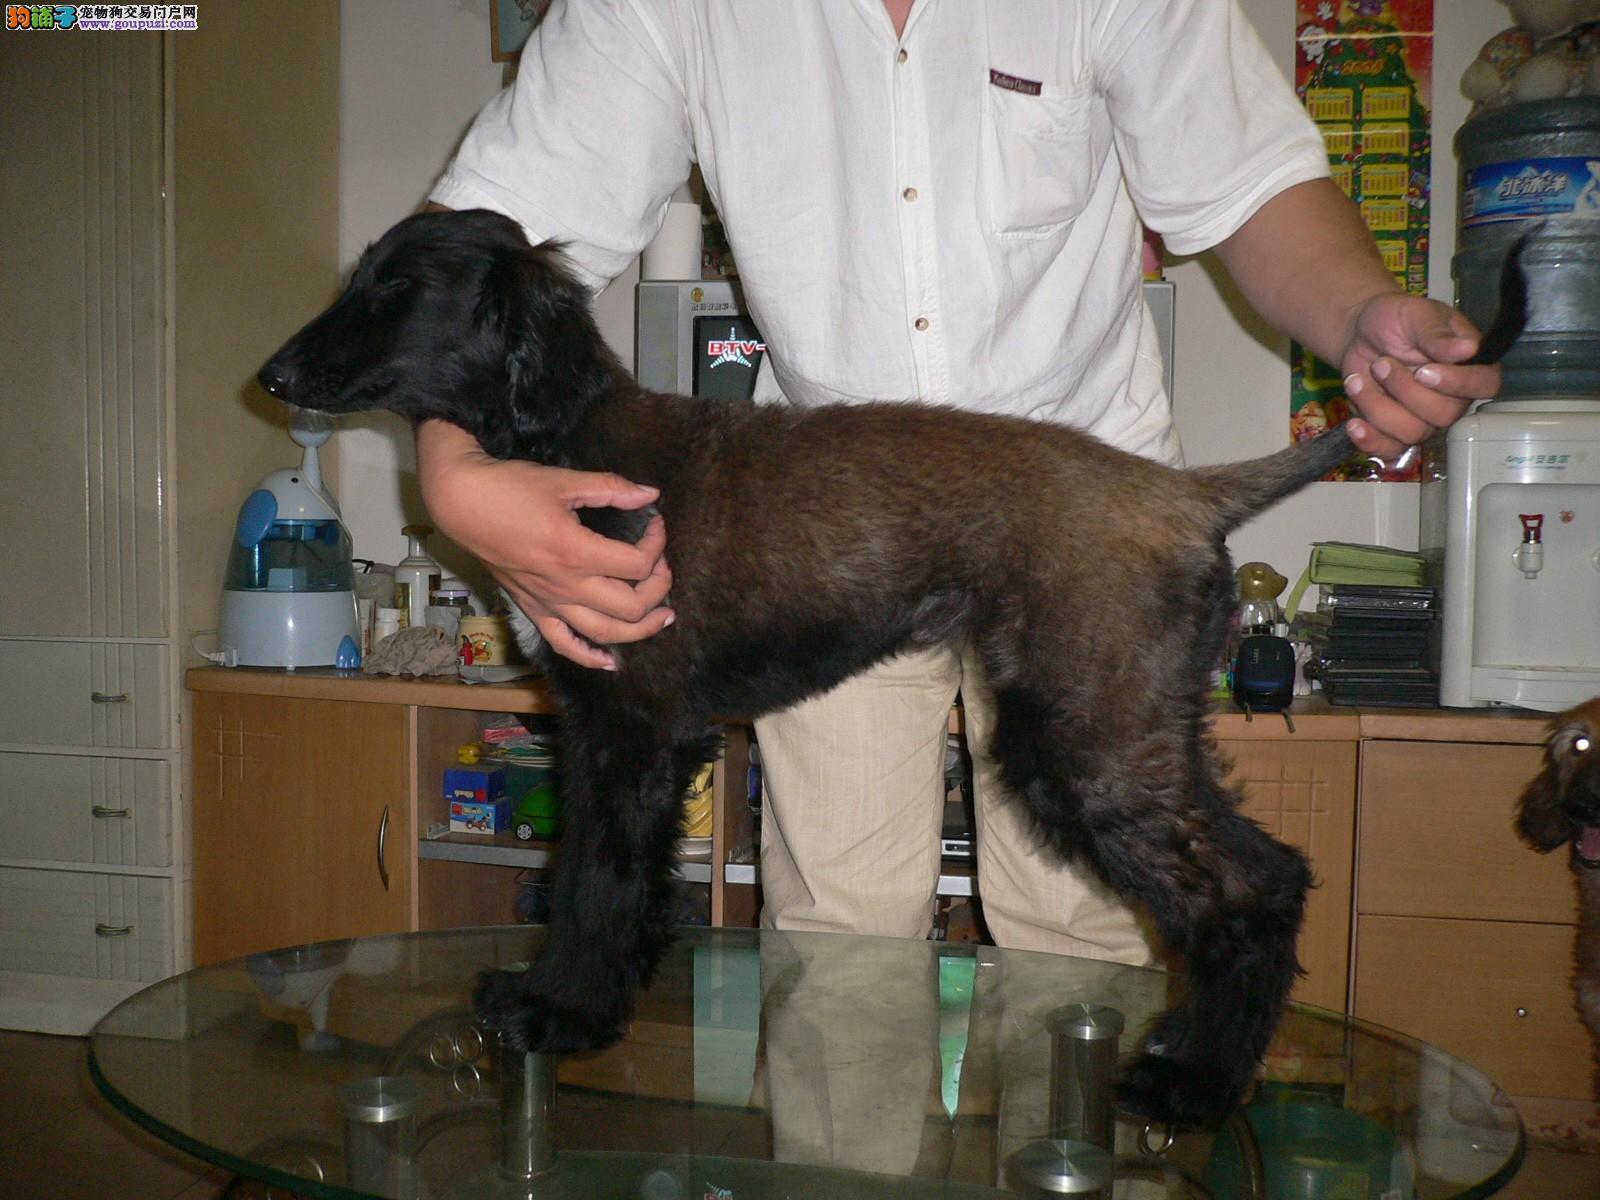 热销阿富汗猎犬幼犬,品质优良血统纯正,全国送货上门